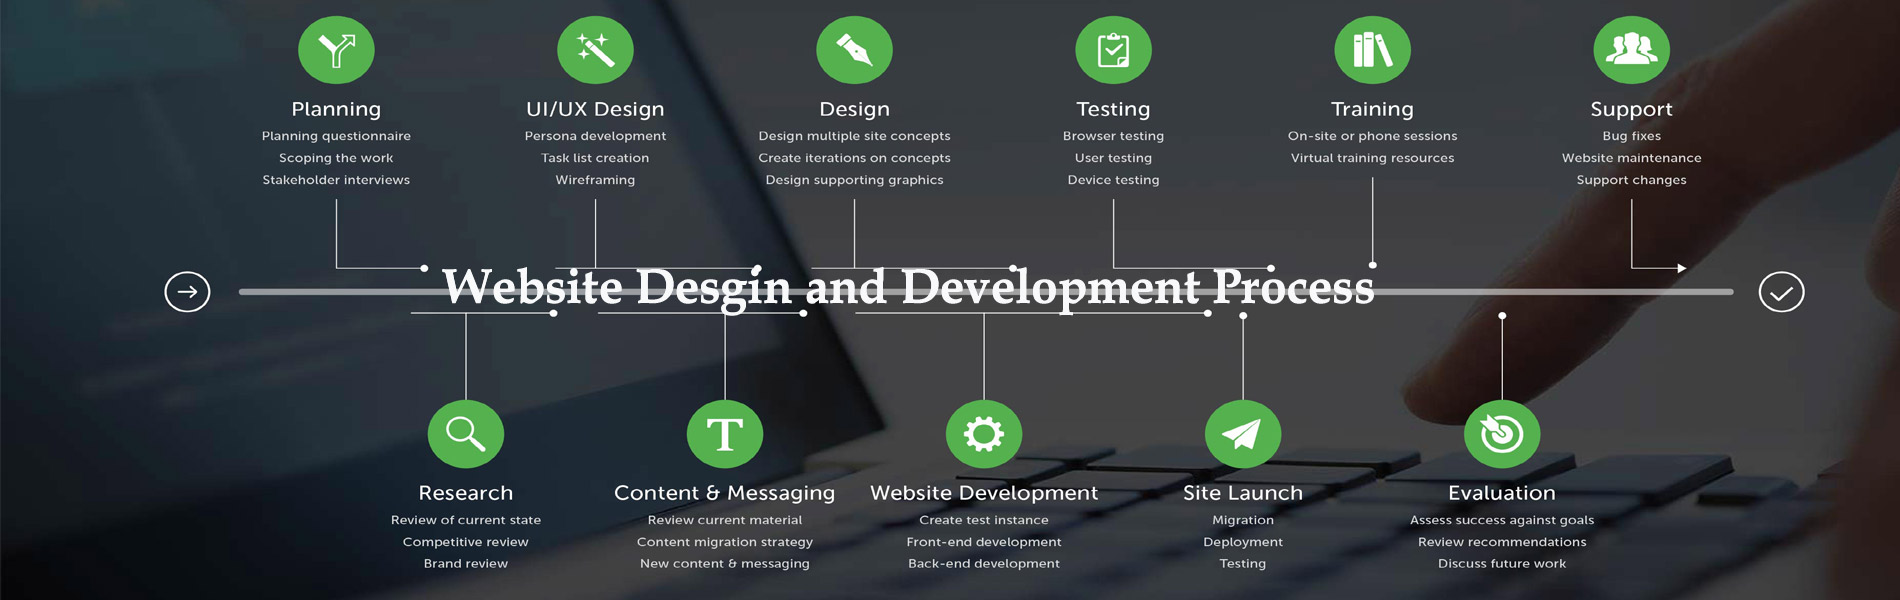 Website design and Developemnt